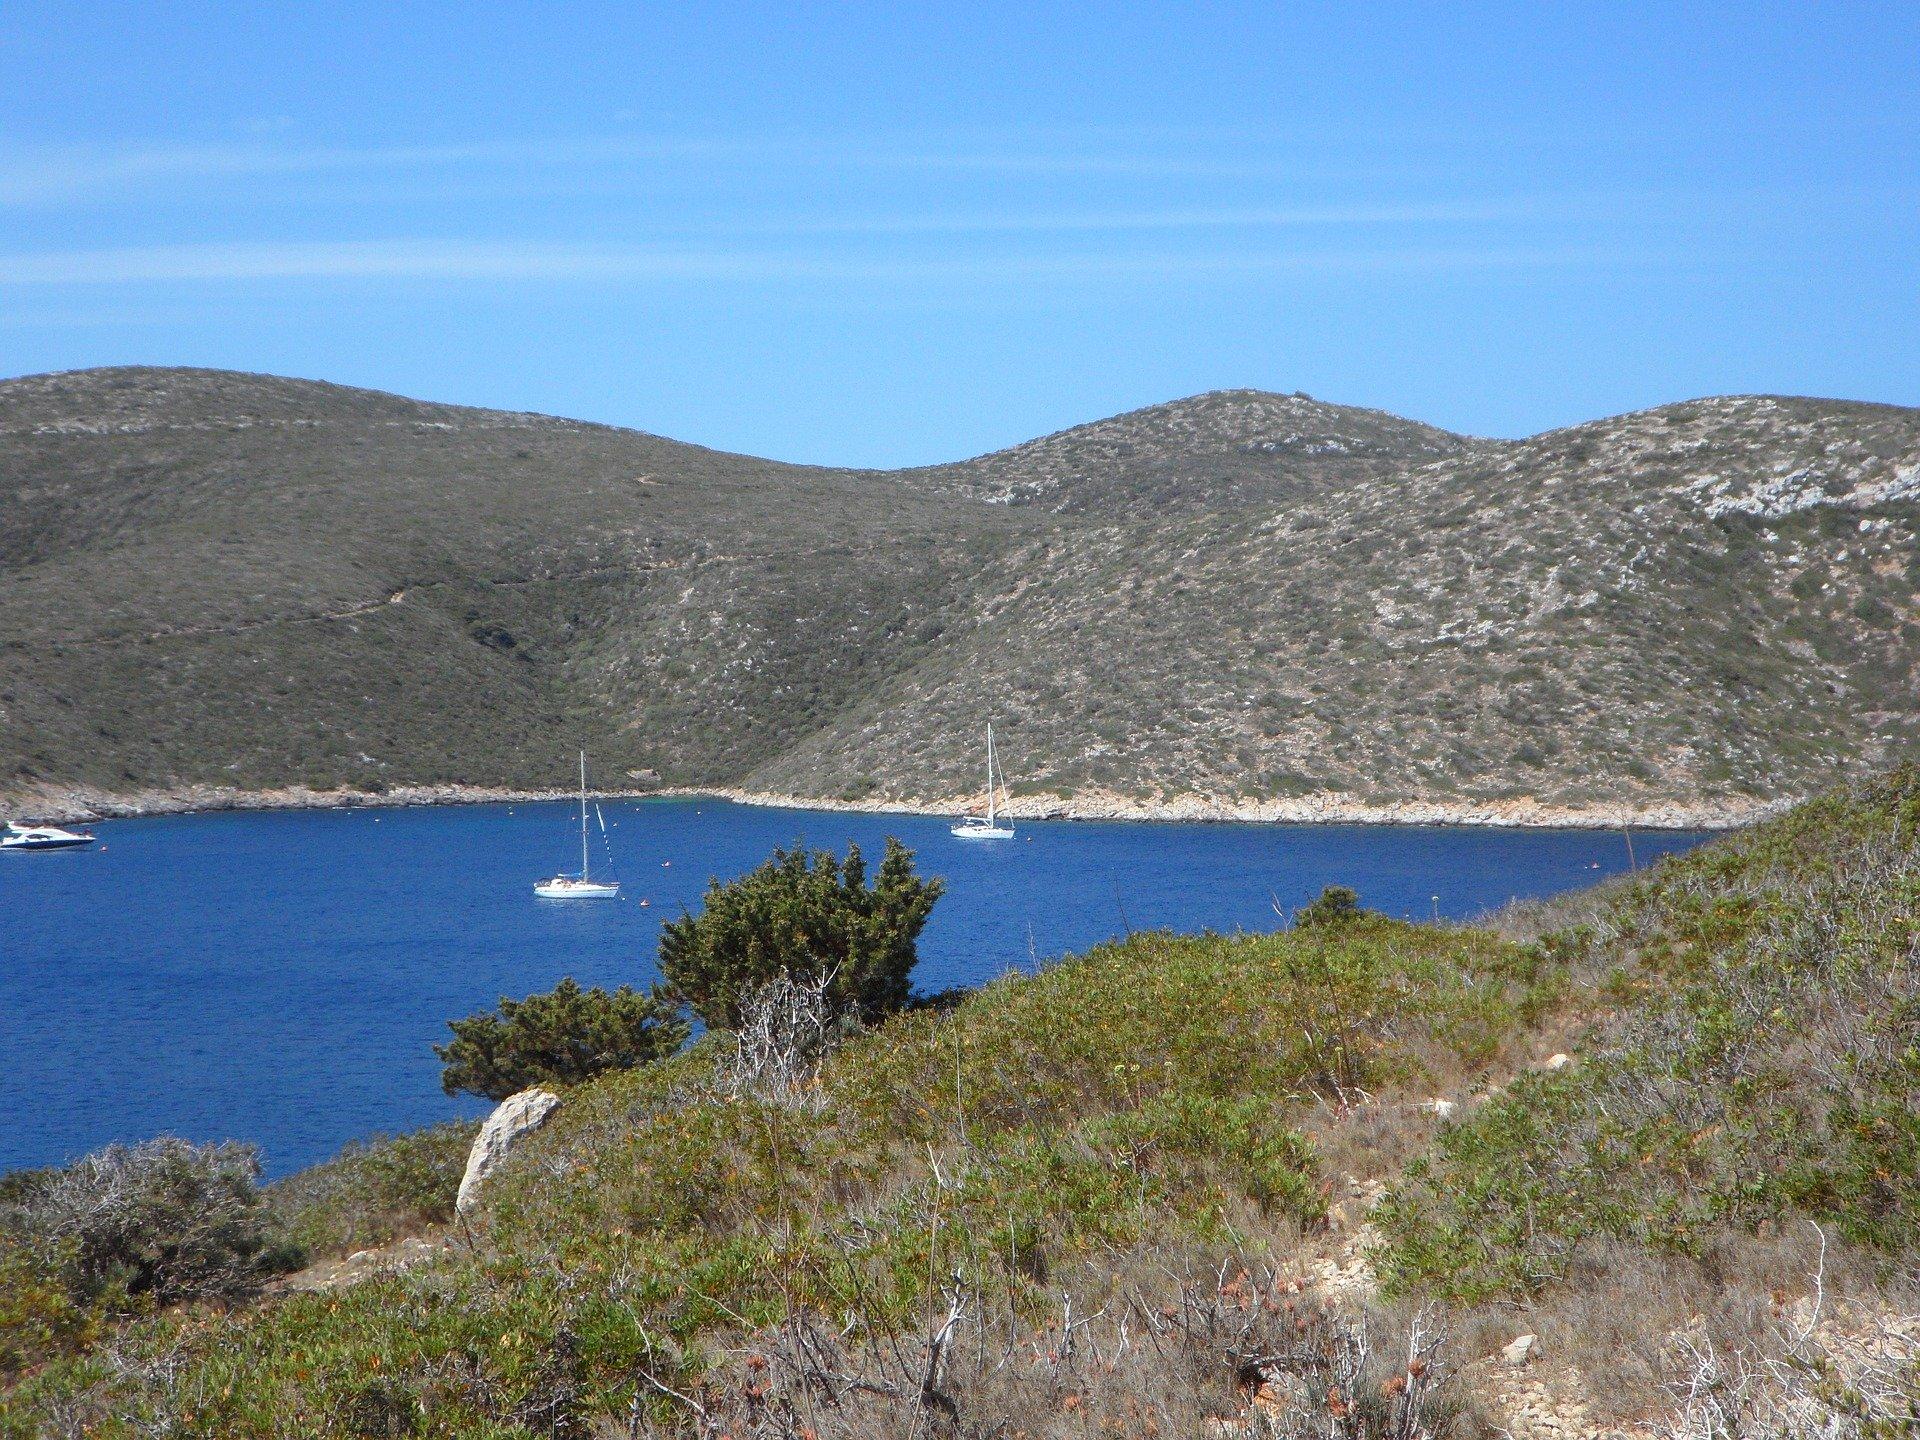 cabrera-mar-mediterraneo.jpg